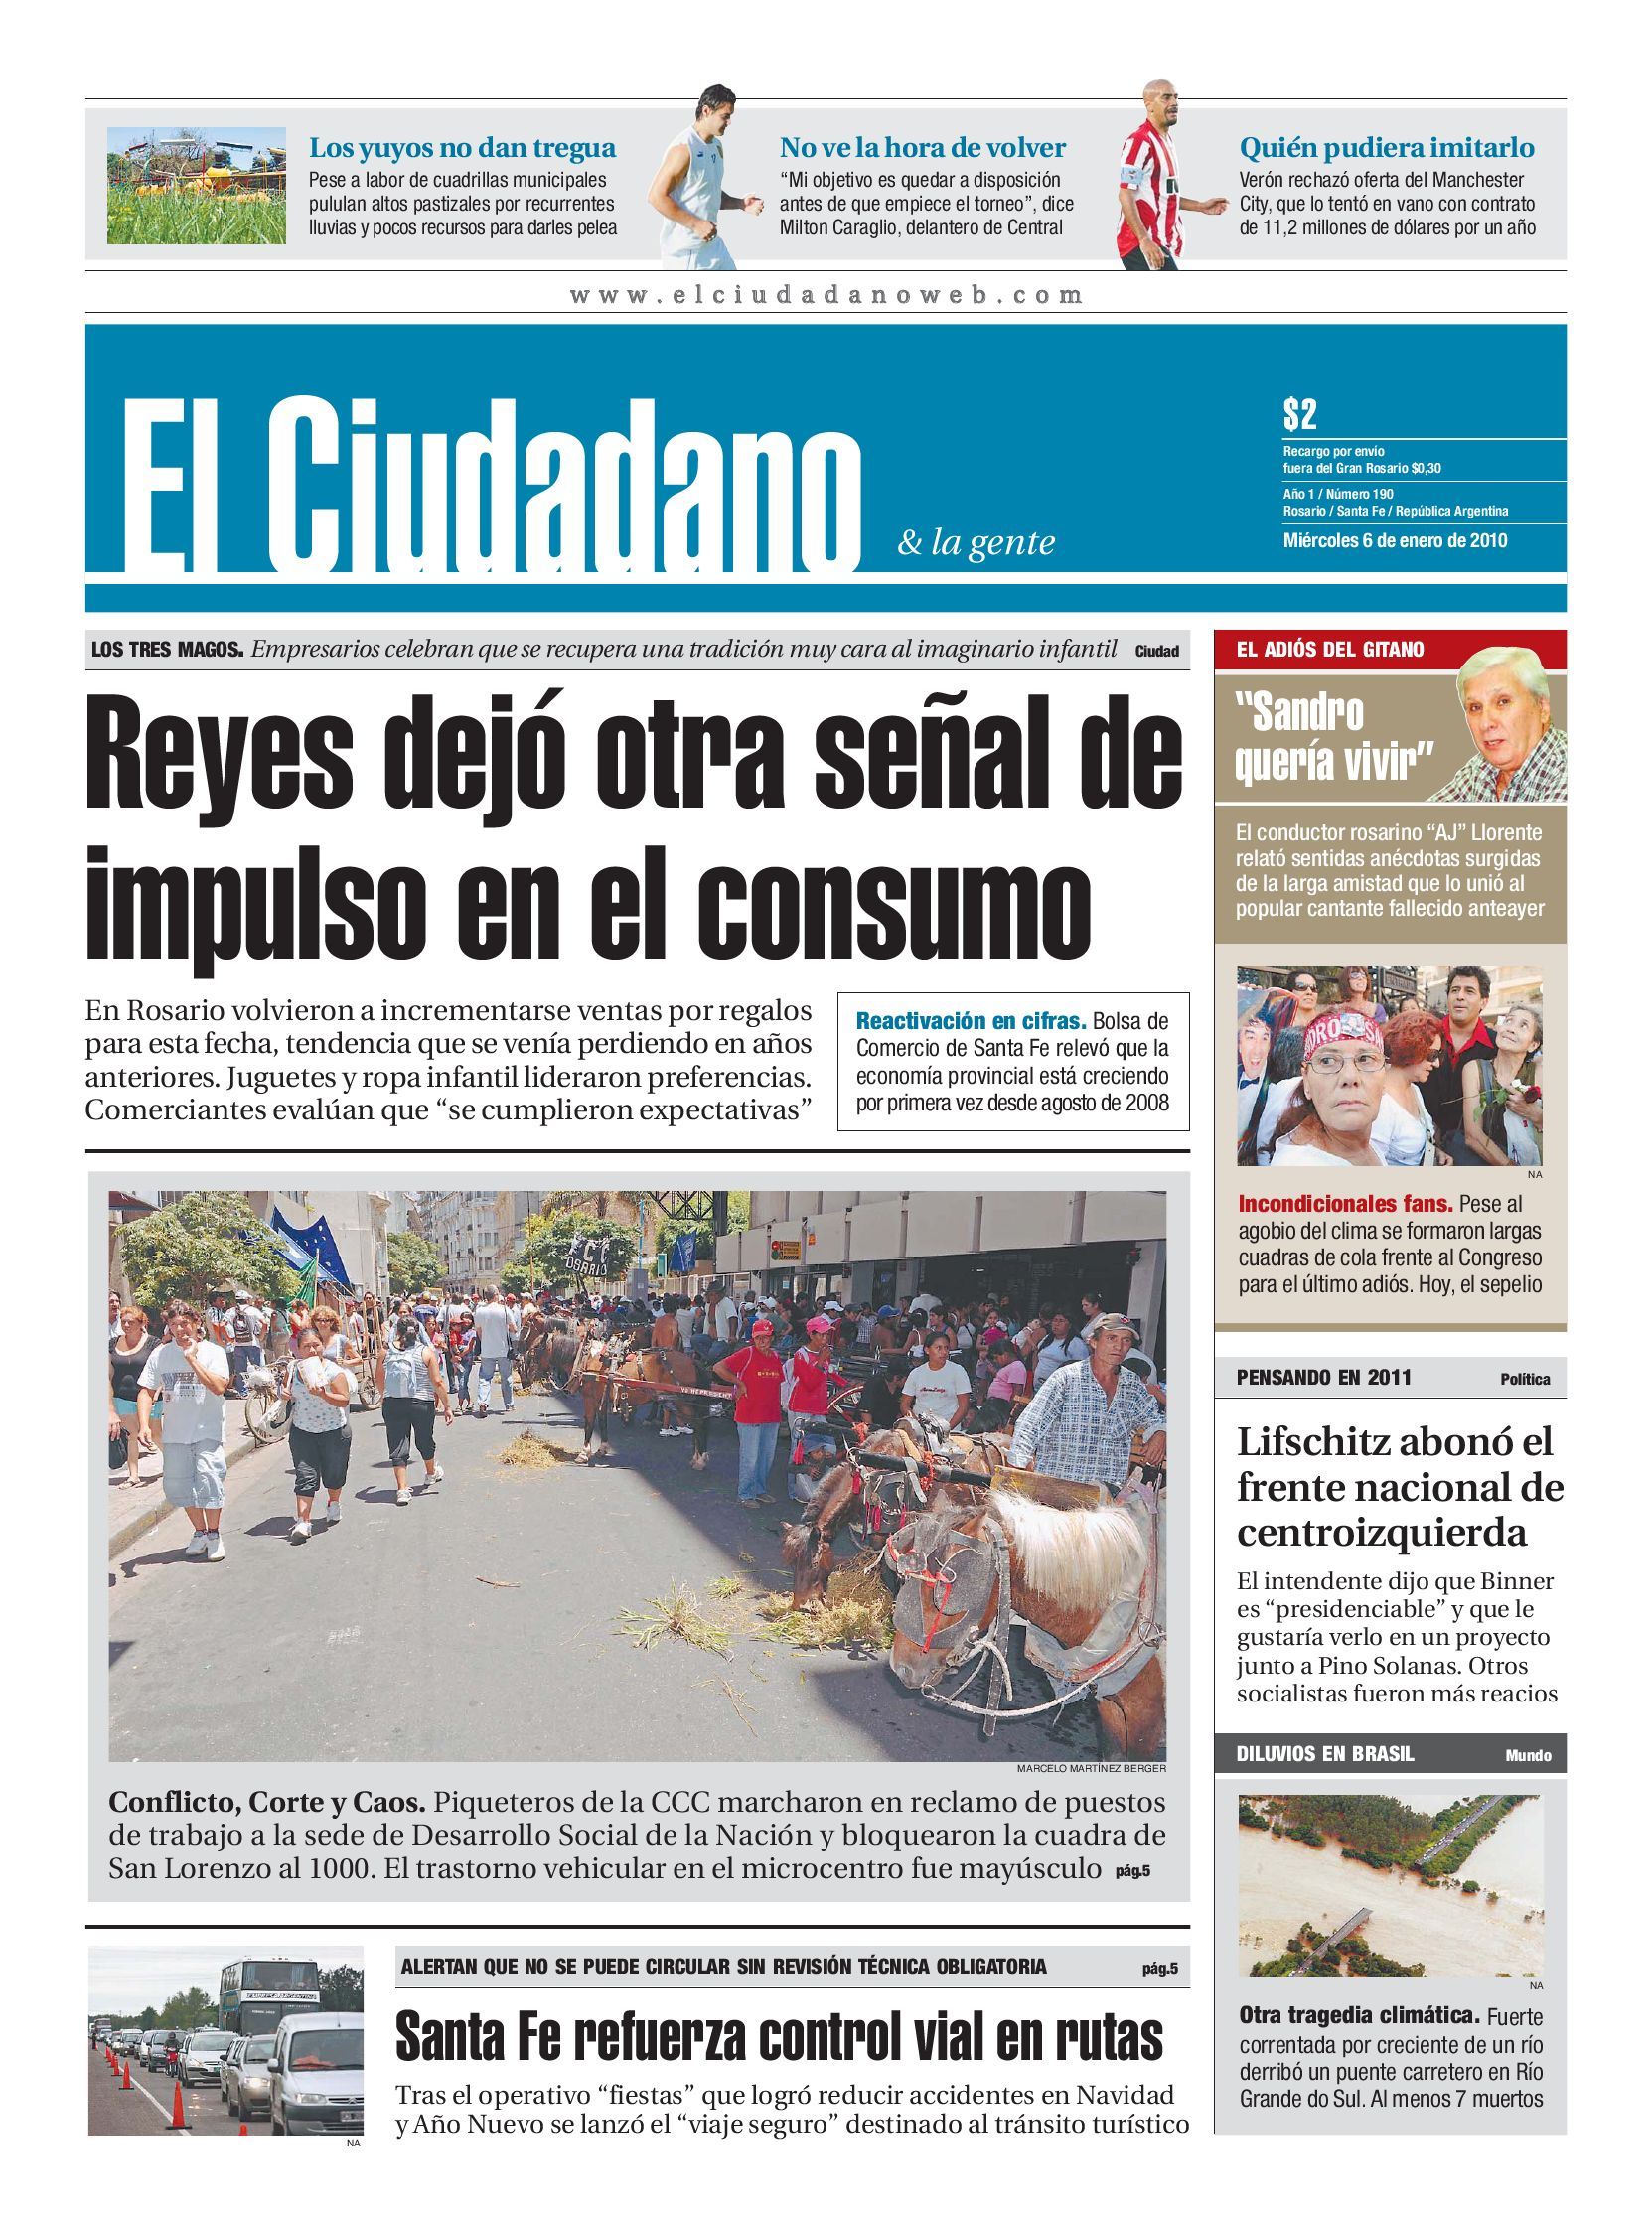 Edición 6 de enero by Dario Elciudadano - issuu